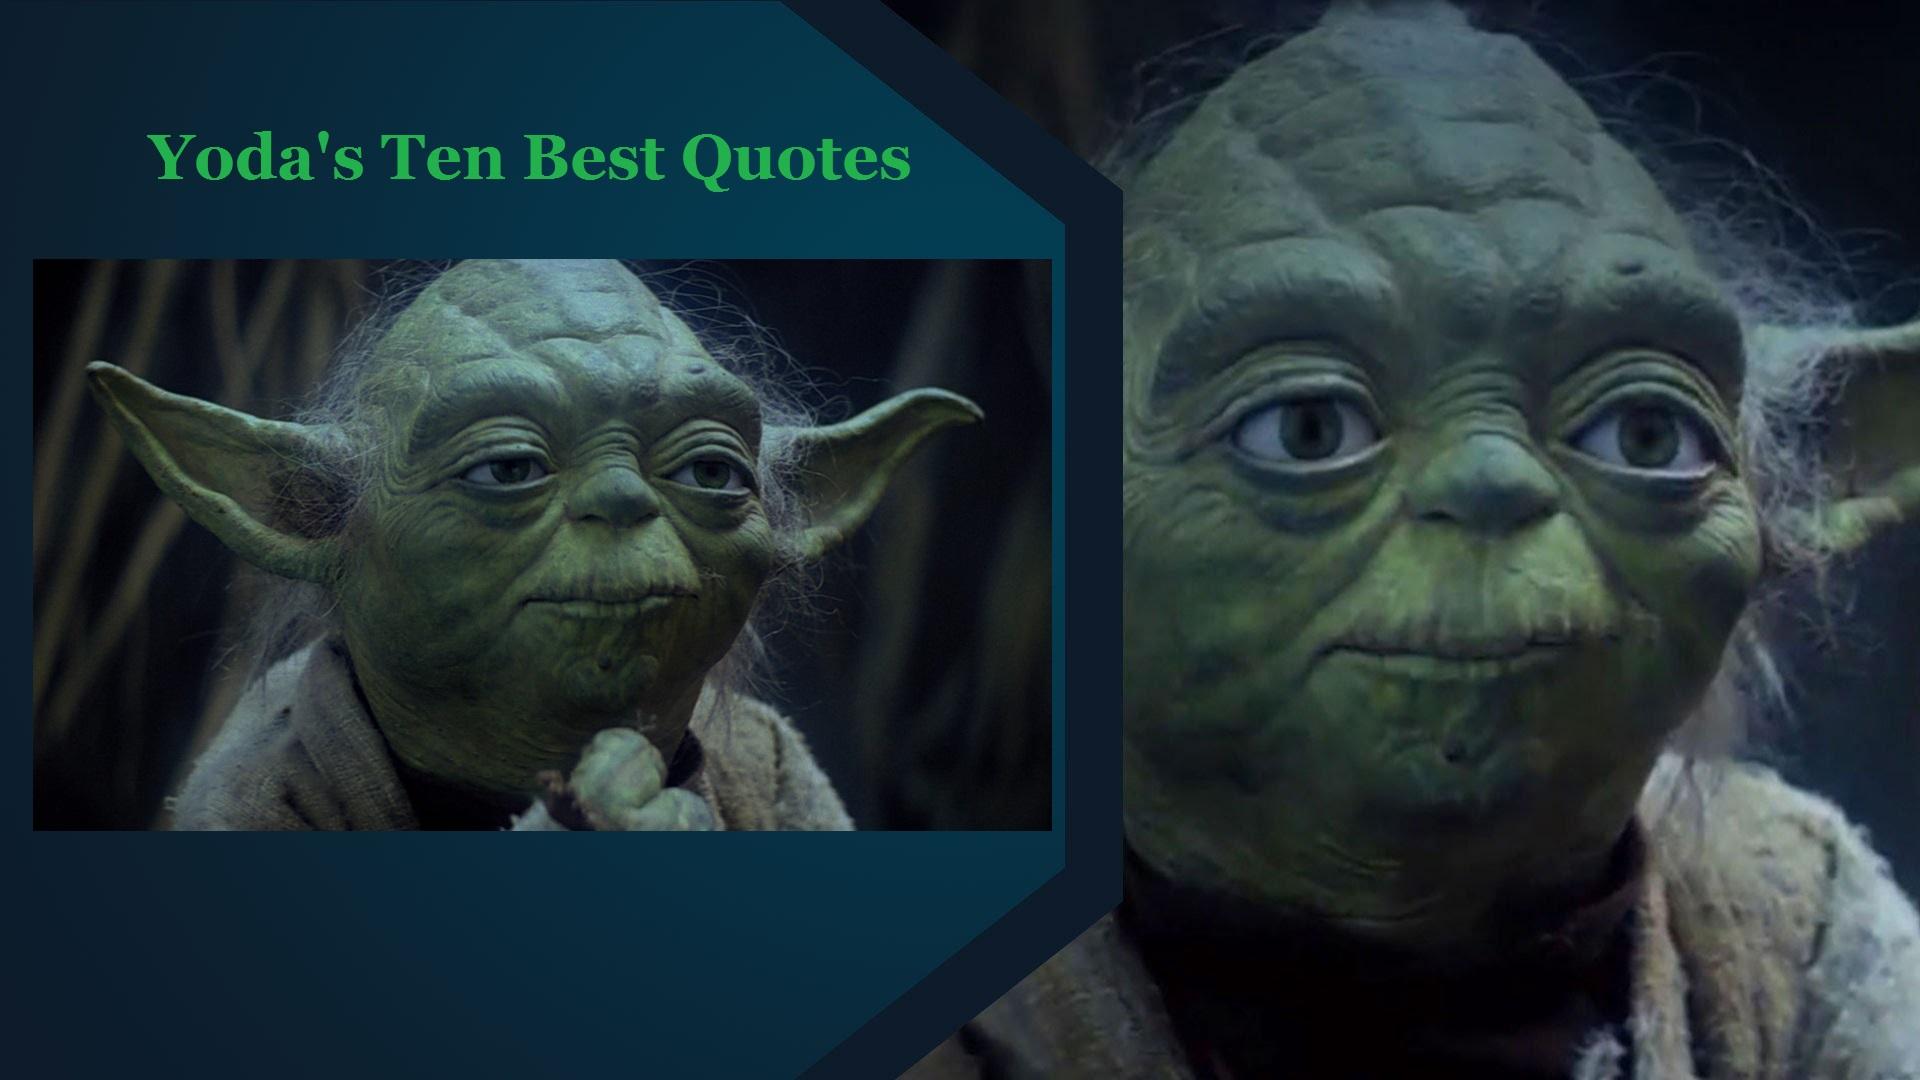 Yoda's Ten Best Quotes